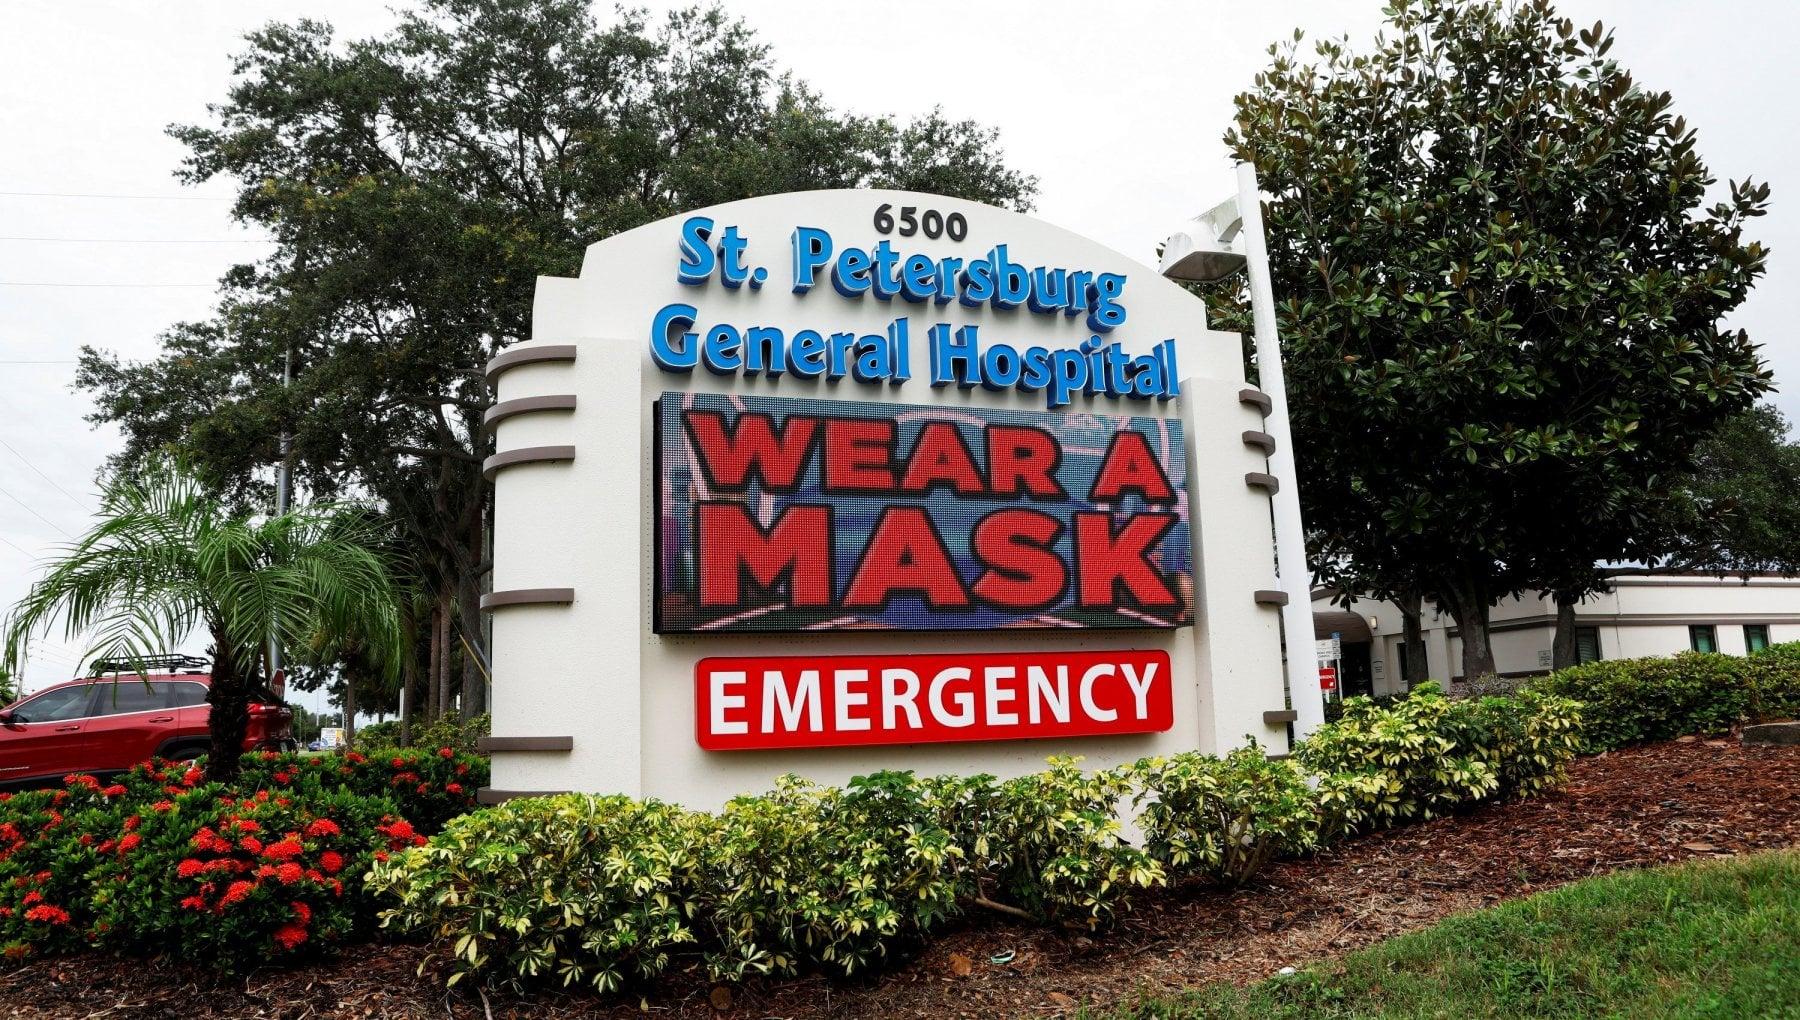 052825571 d68b049d f285 4f86 b2d4 89e75d078fe8 - Coronavirus nel mondo, in Usa 100 mila casi al giorno. Florida, mai così tanti nuovi positivi